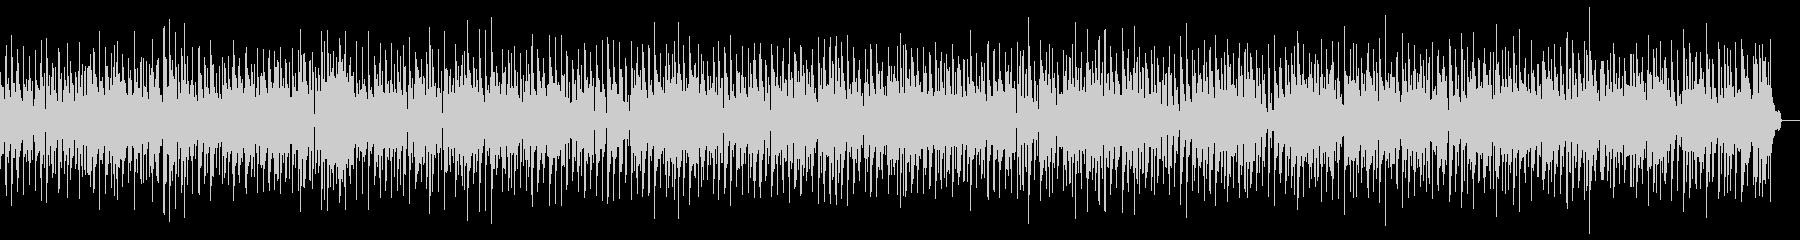 静かなジャズバラードの未再生の波形